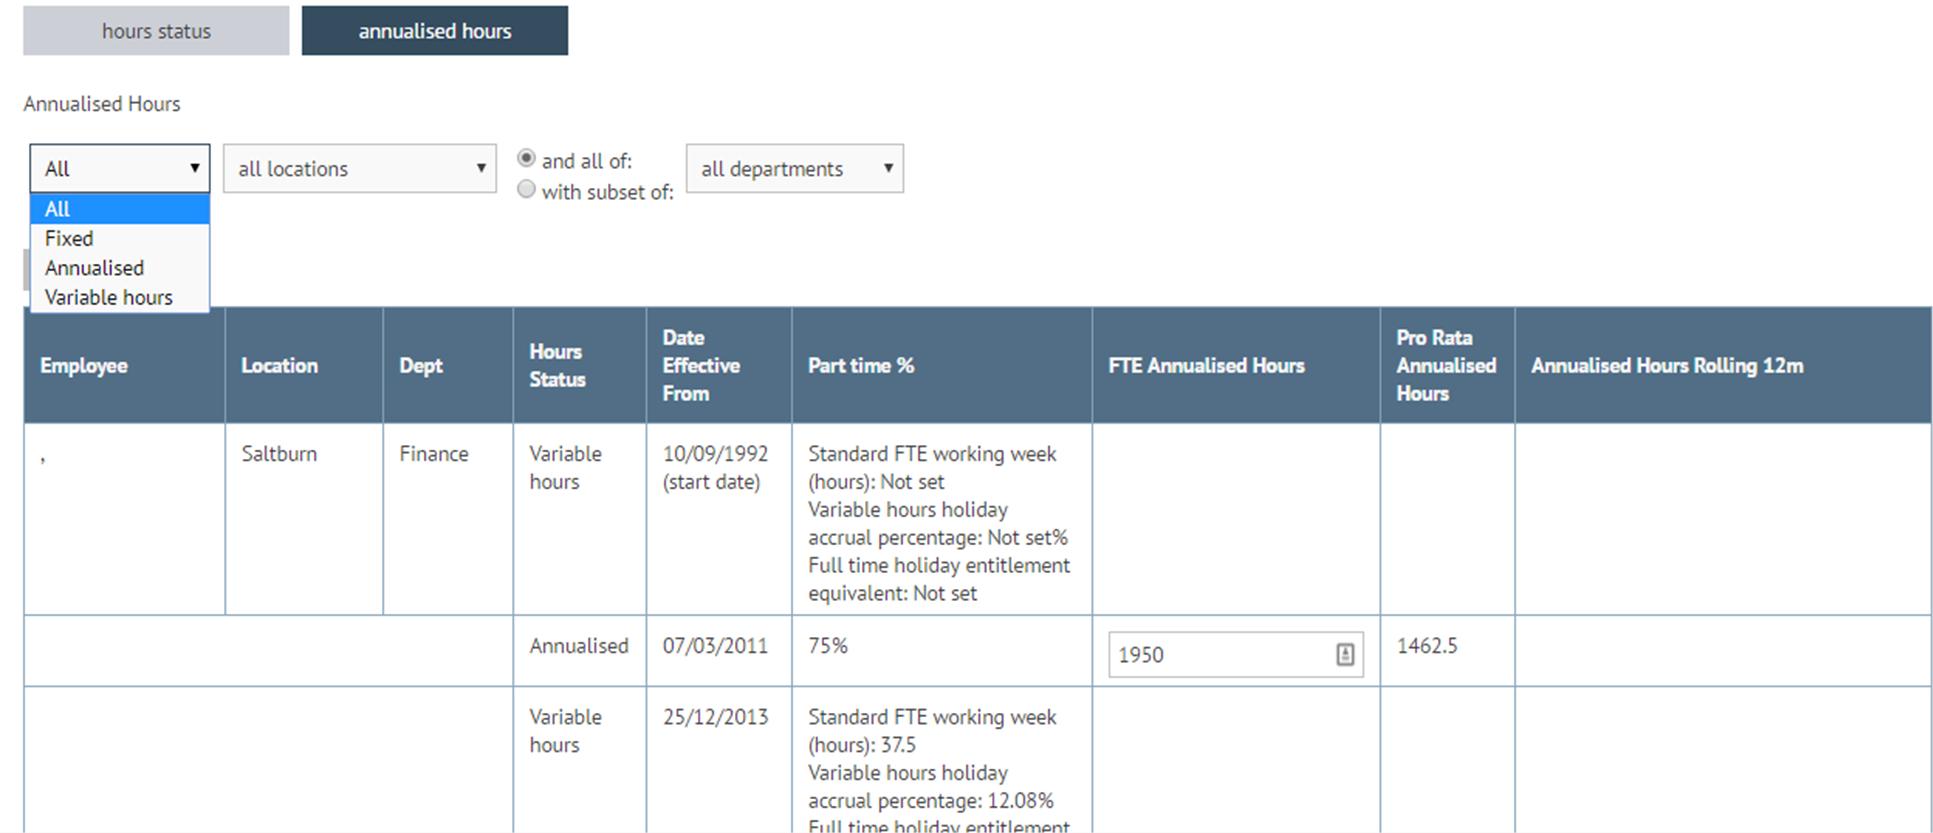 Annualised Hours Spreadsheet Regarding Annualised Hours  Myhrtoolkit Annualised Hours Spreadsheet Printable Spreadshee Printable Spreadshee annualised hours spreadsheet